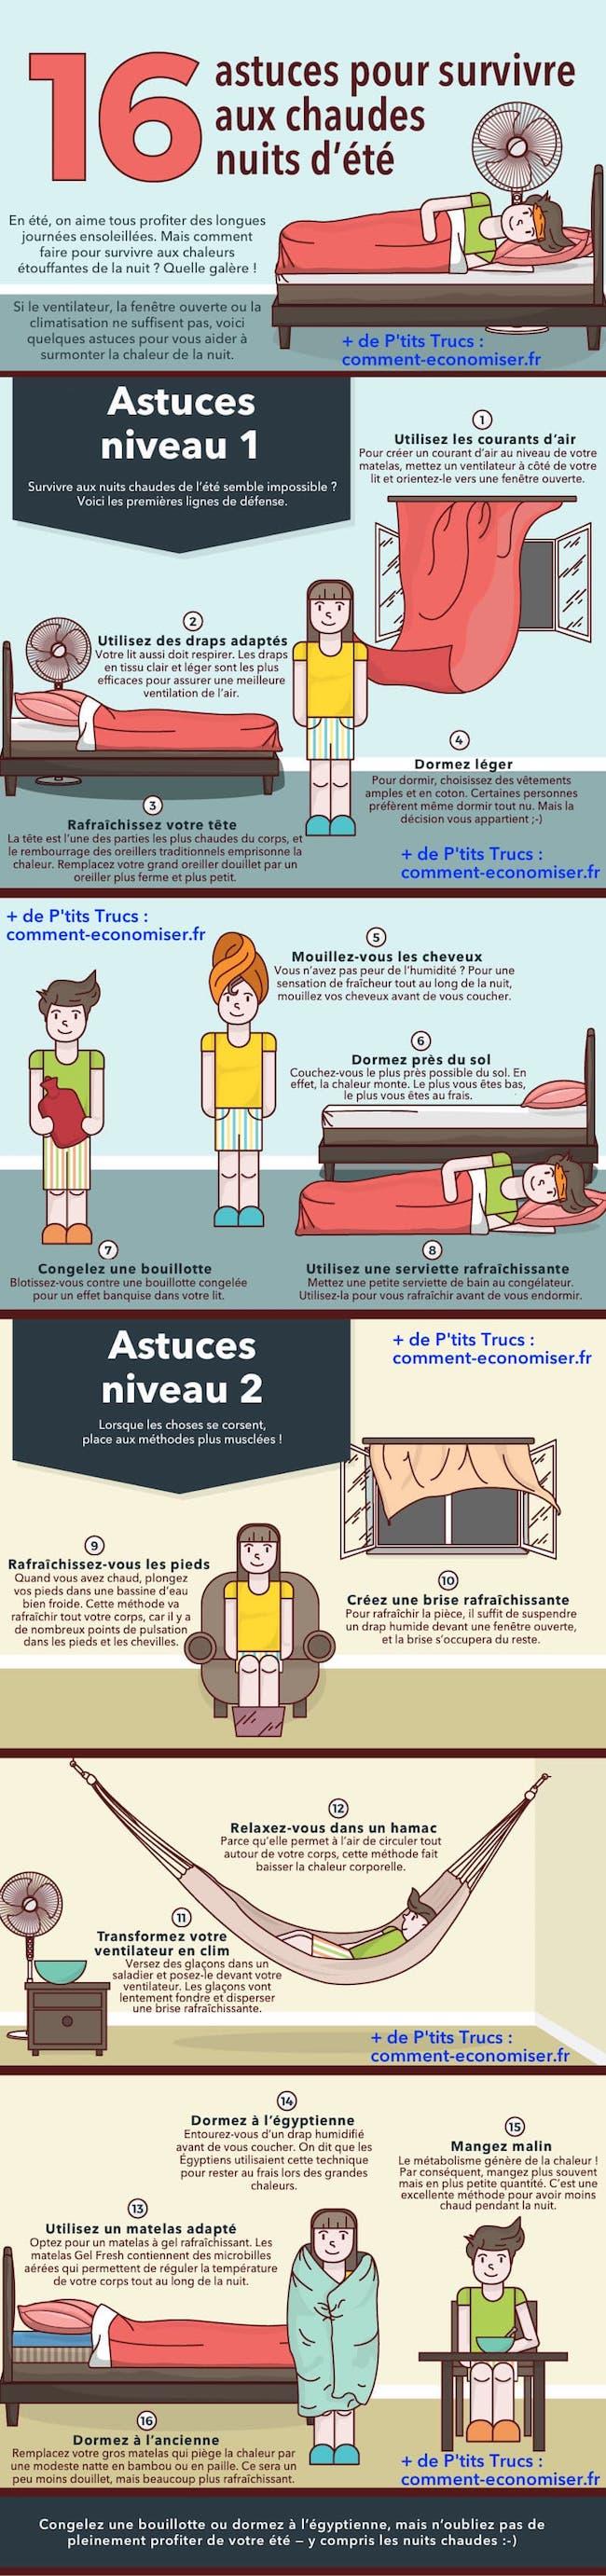 ce guide vous explique comment rester au frais pendant les. Black Bedroom Furniture Sets. Home Design Ideas